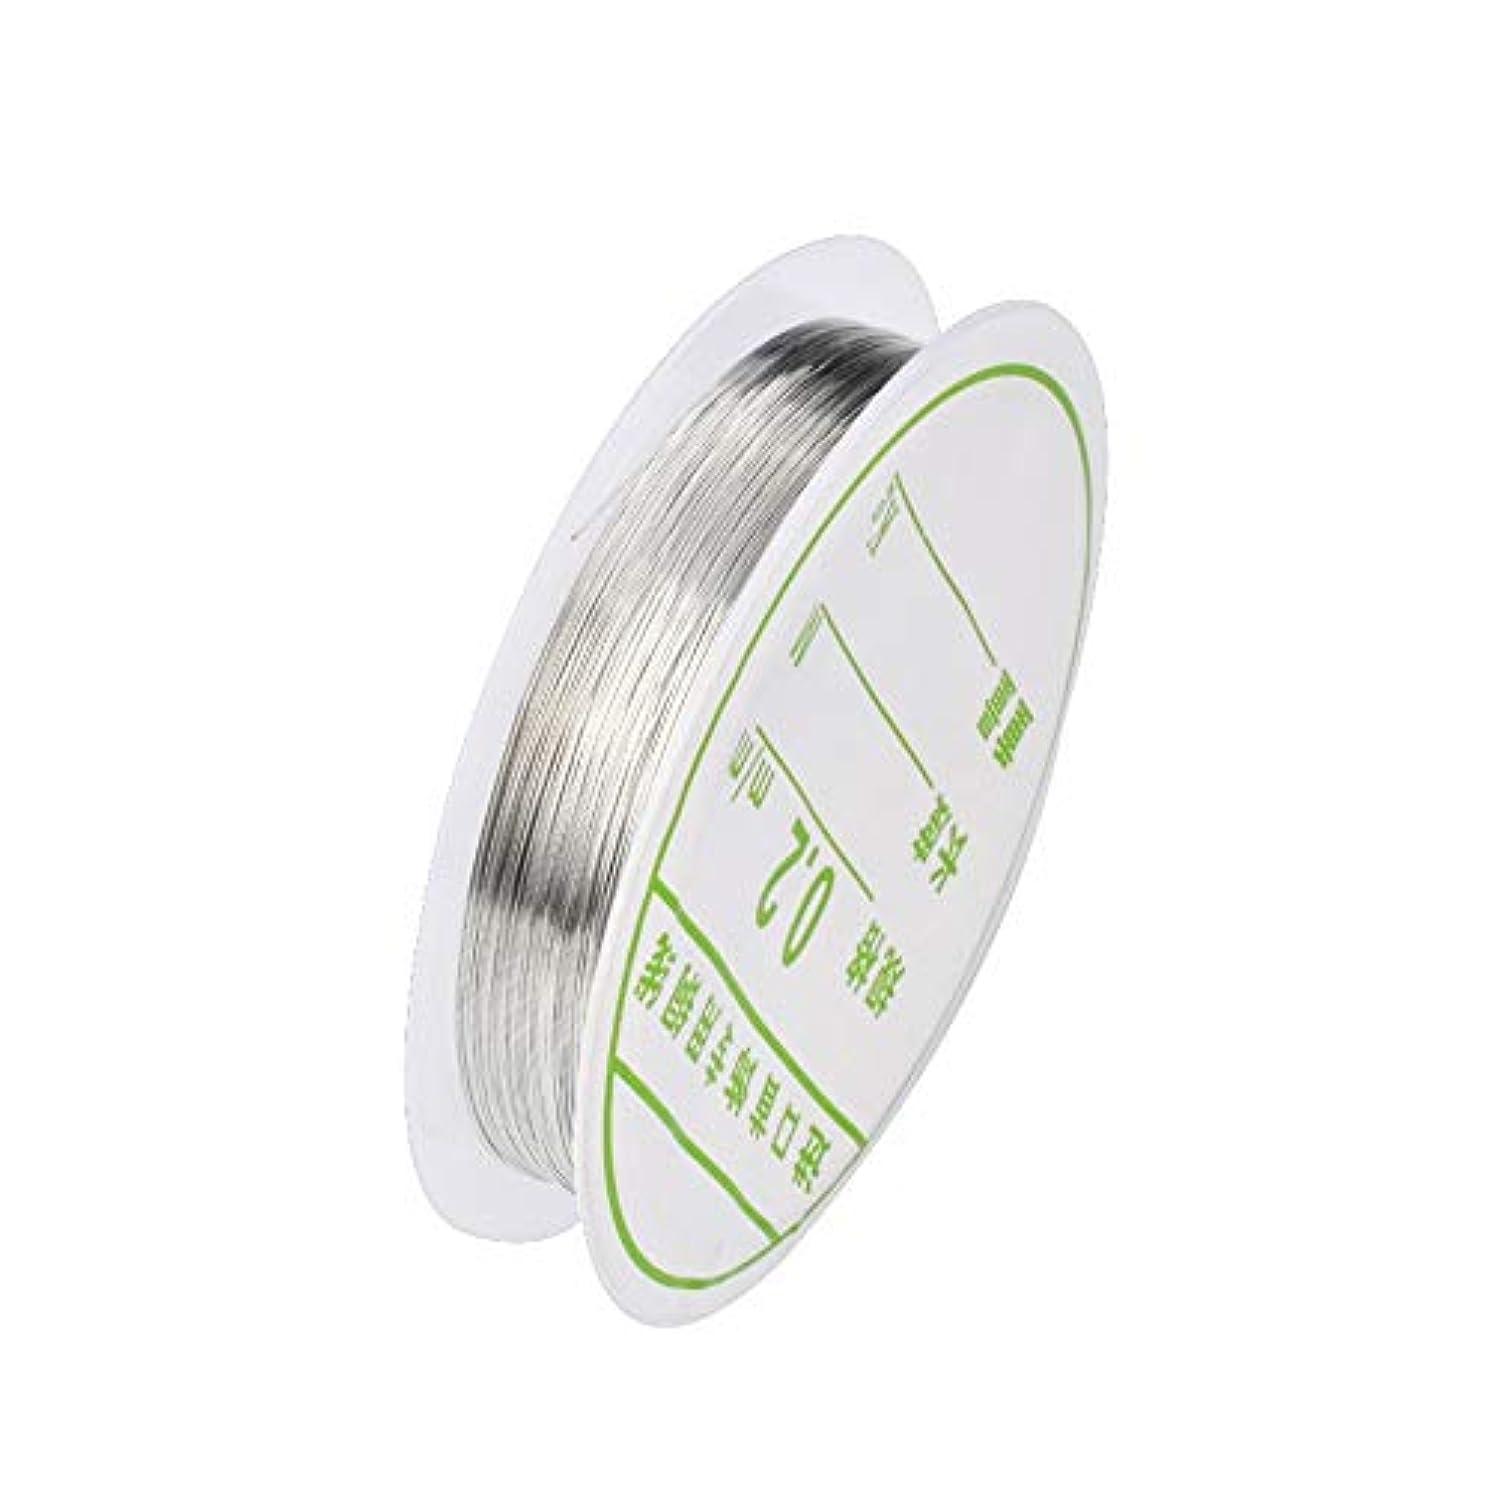 高音下位誓う1個ワイヤーネイルアートデコレーションチャームラインDIYデザイン3Dのヒントラインストーンジュエリーマニキュア用品,銀